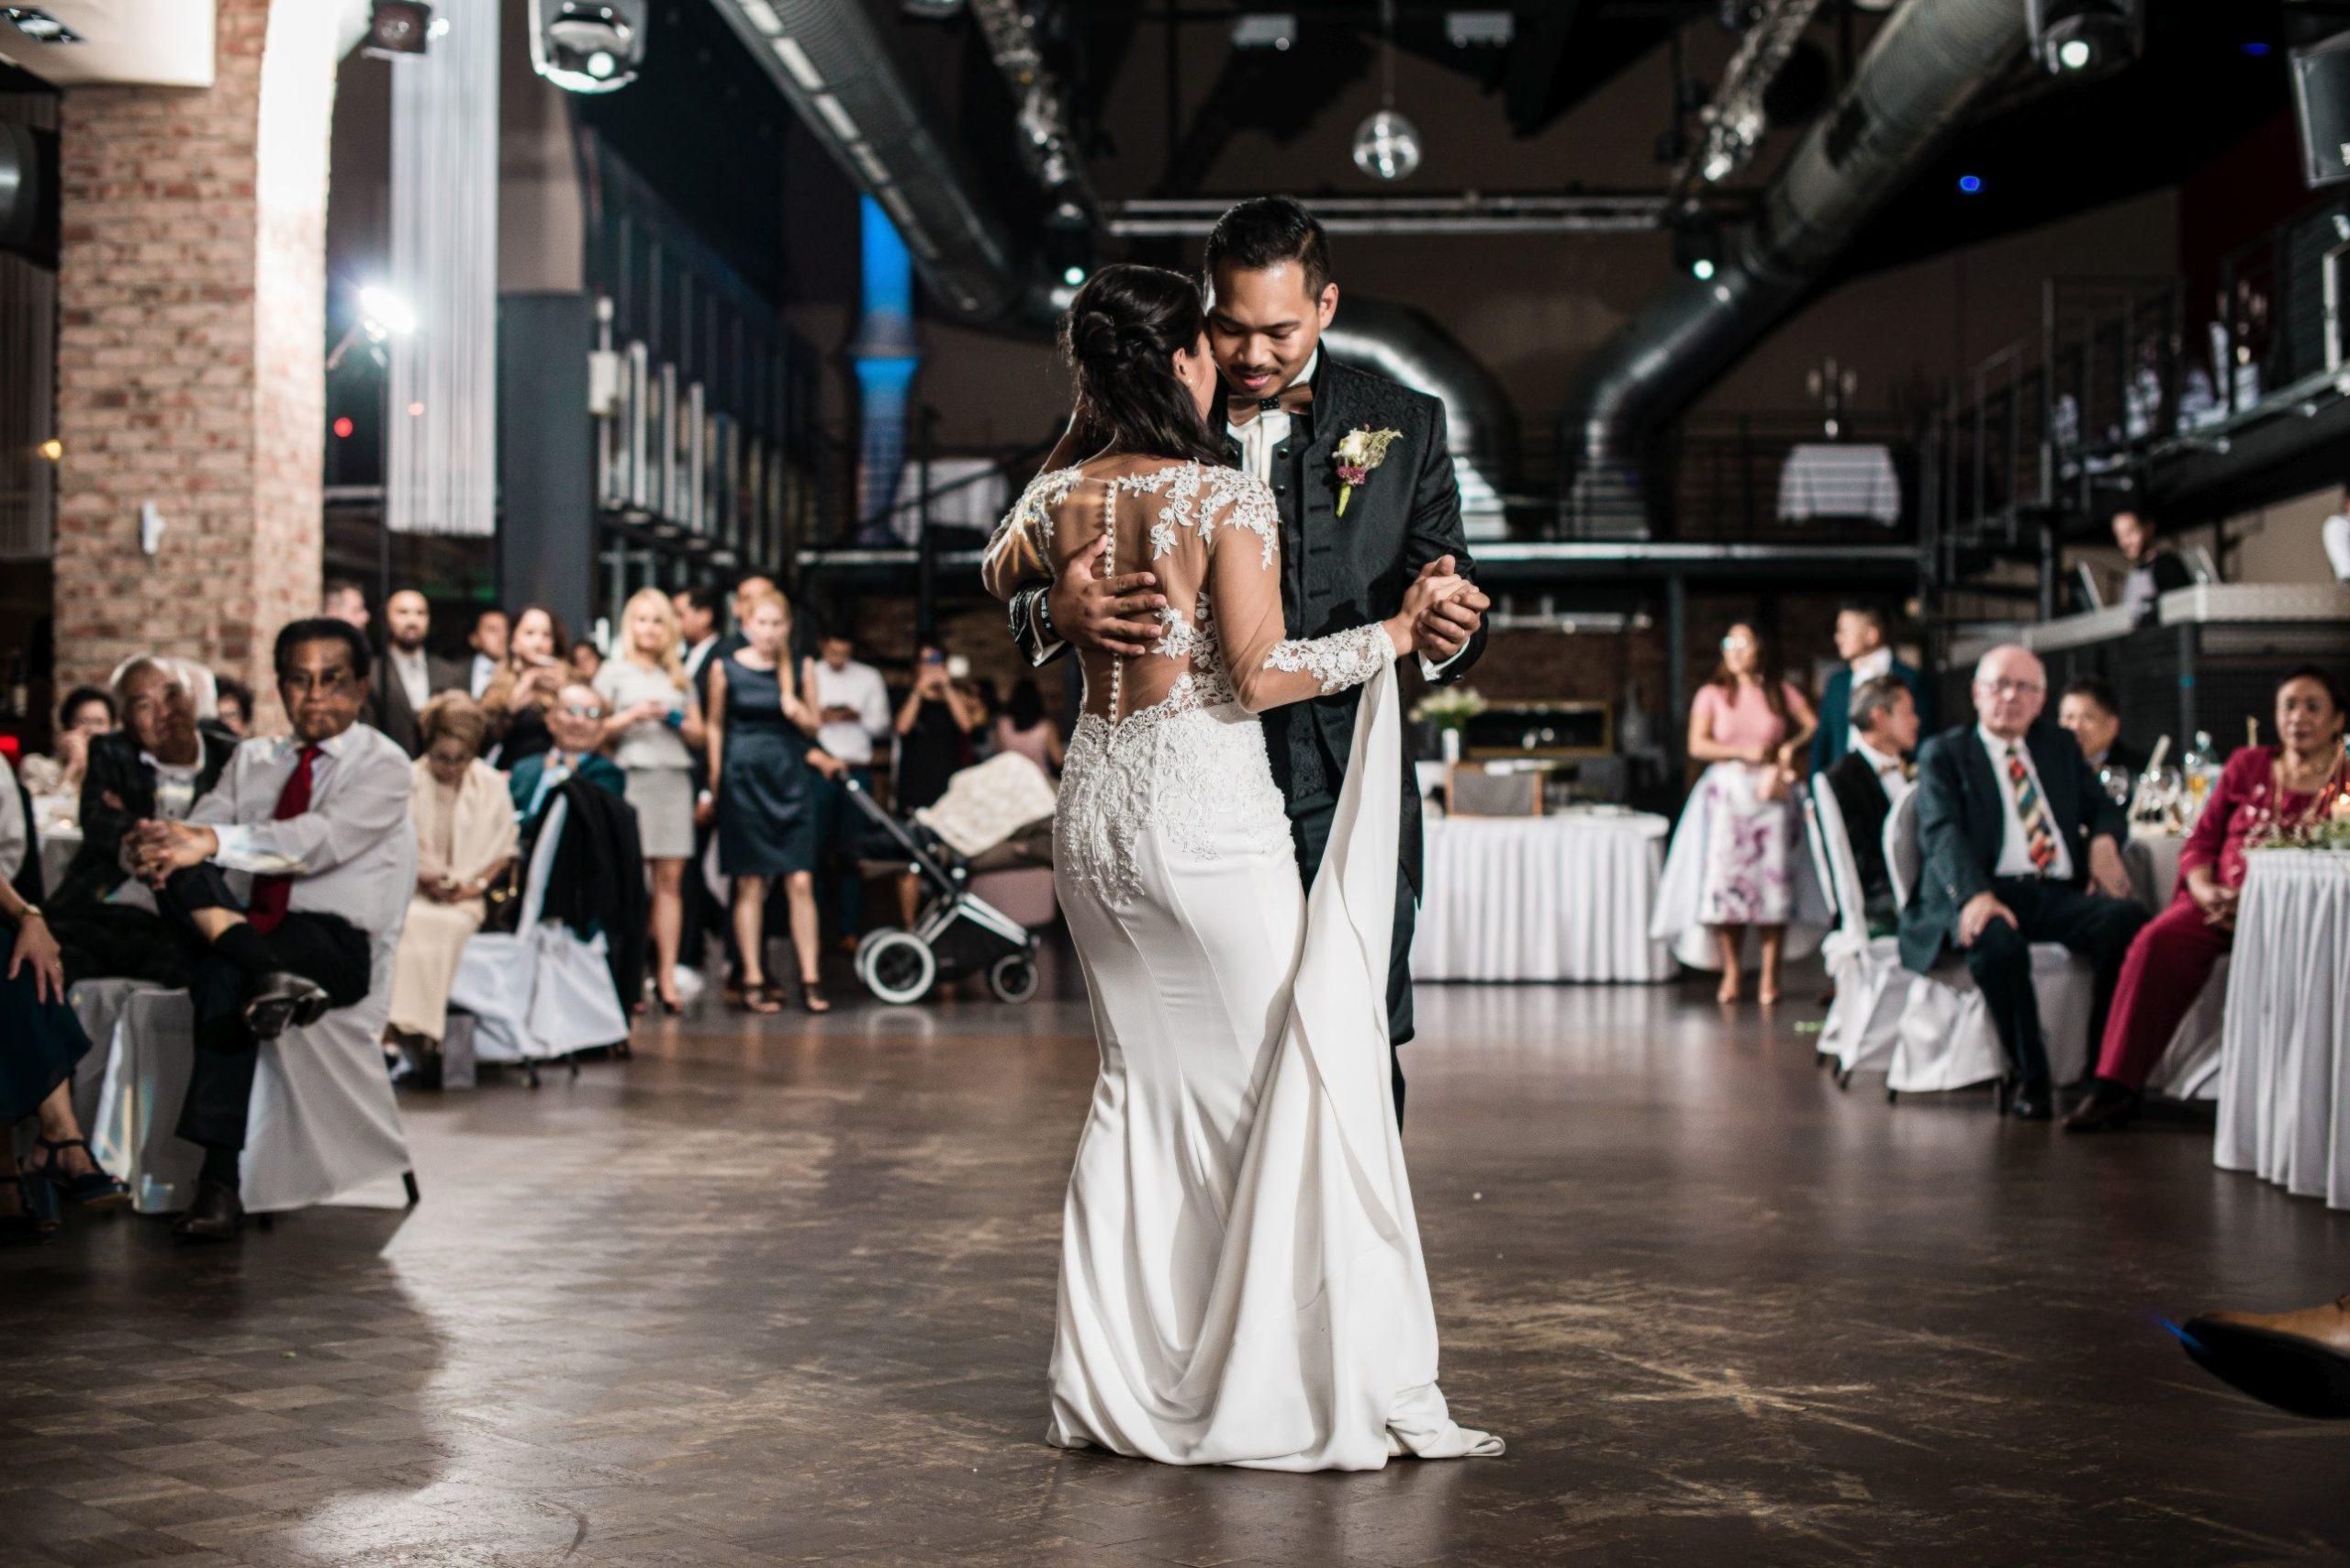 Eröffnungstanz Brautpaar im Festsaal. hochzeitsvideo hochzeitsvideograf hochzeitsvideo koeln